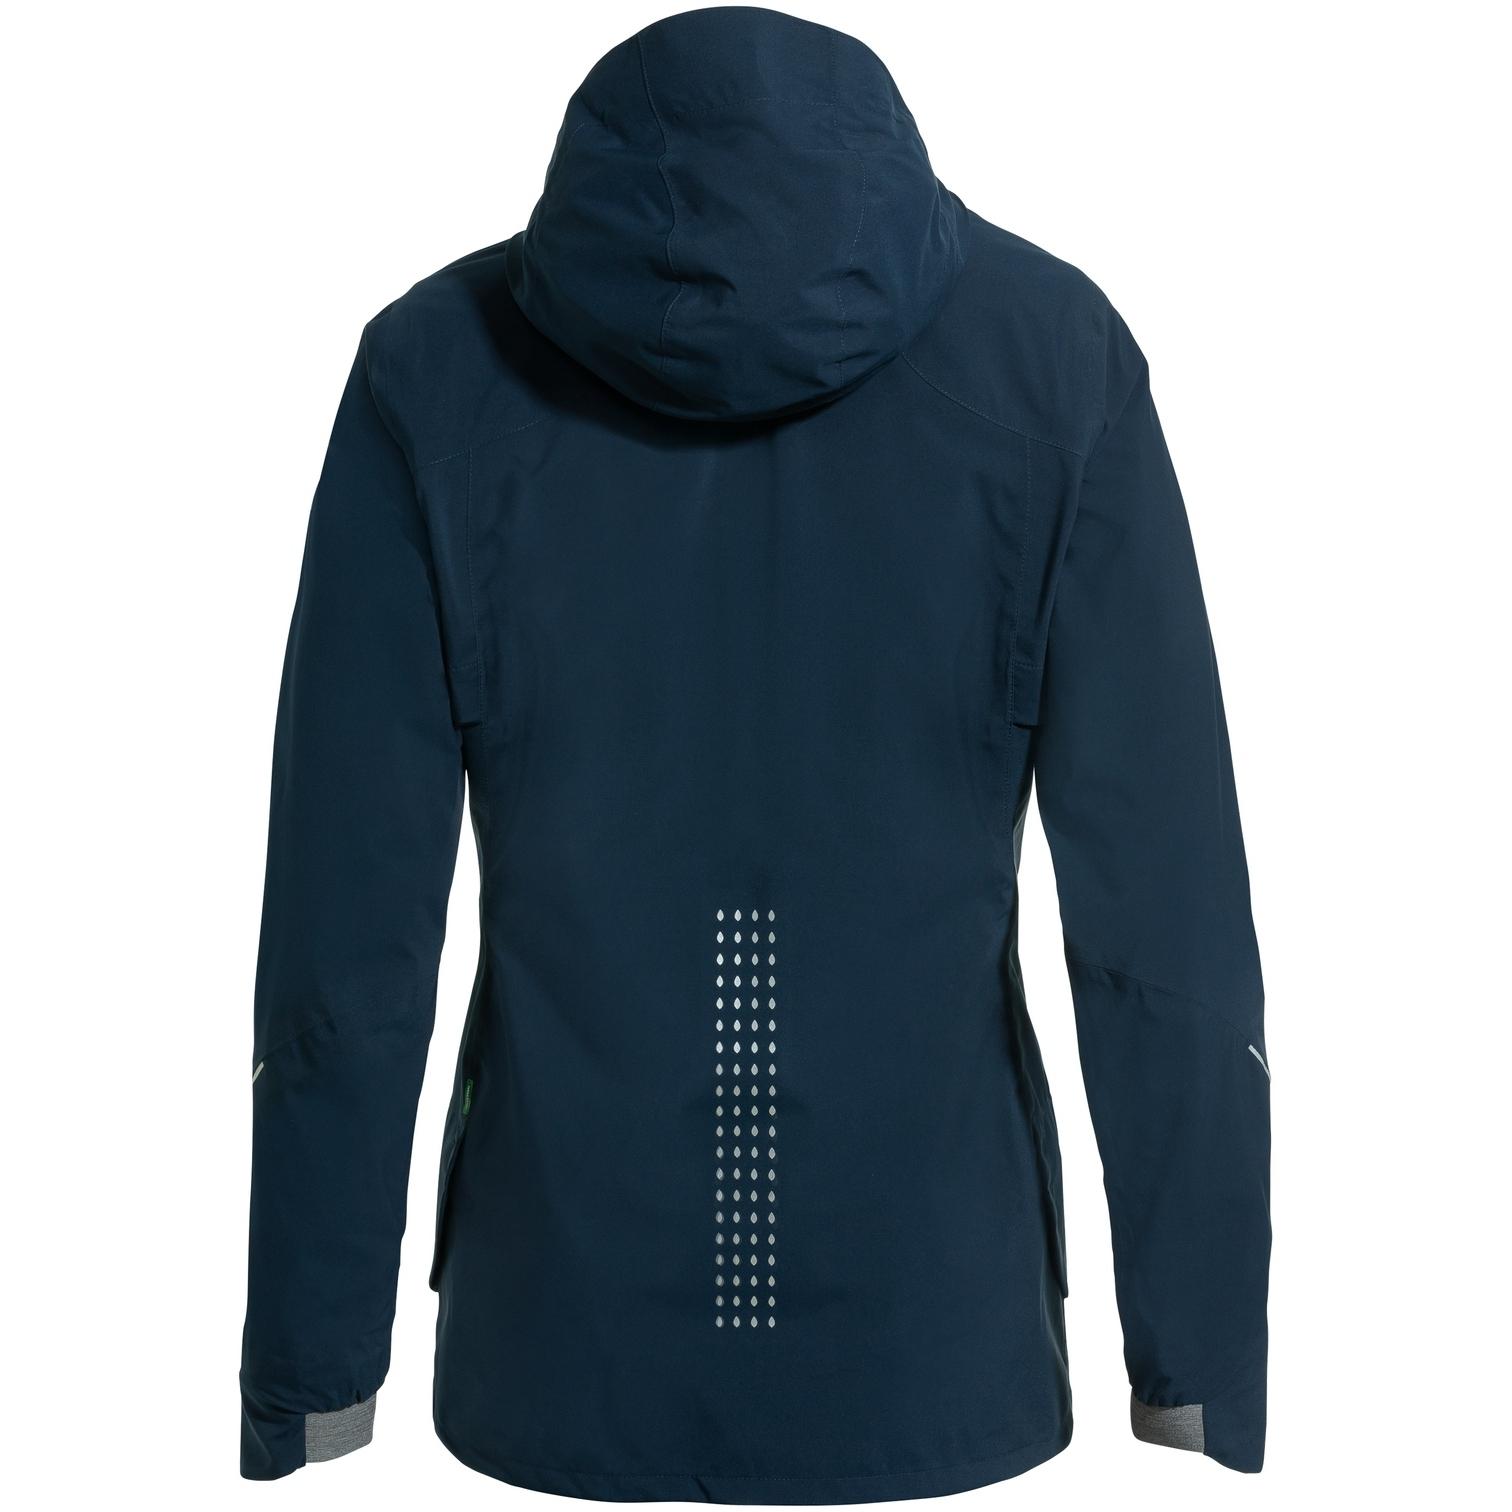 Image of Vaude Women's Yaras 3in1 Jacket - dark sea